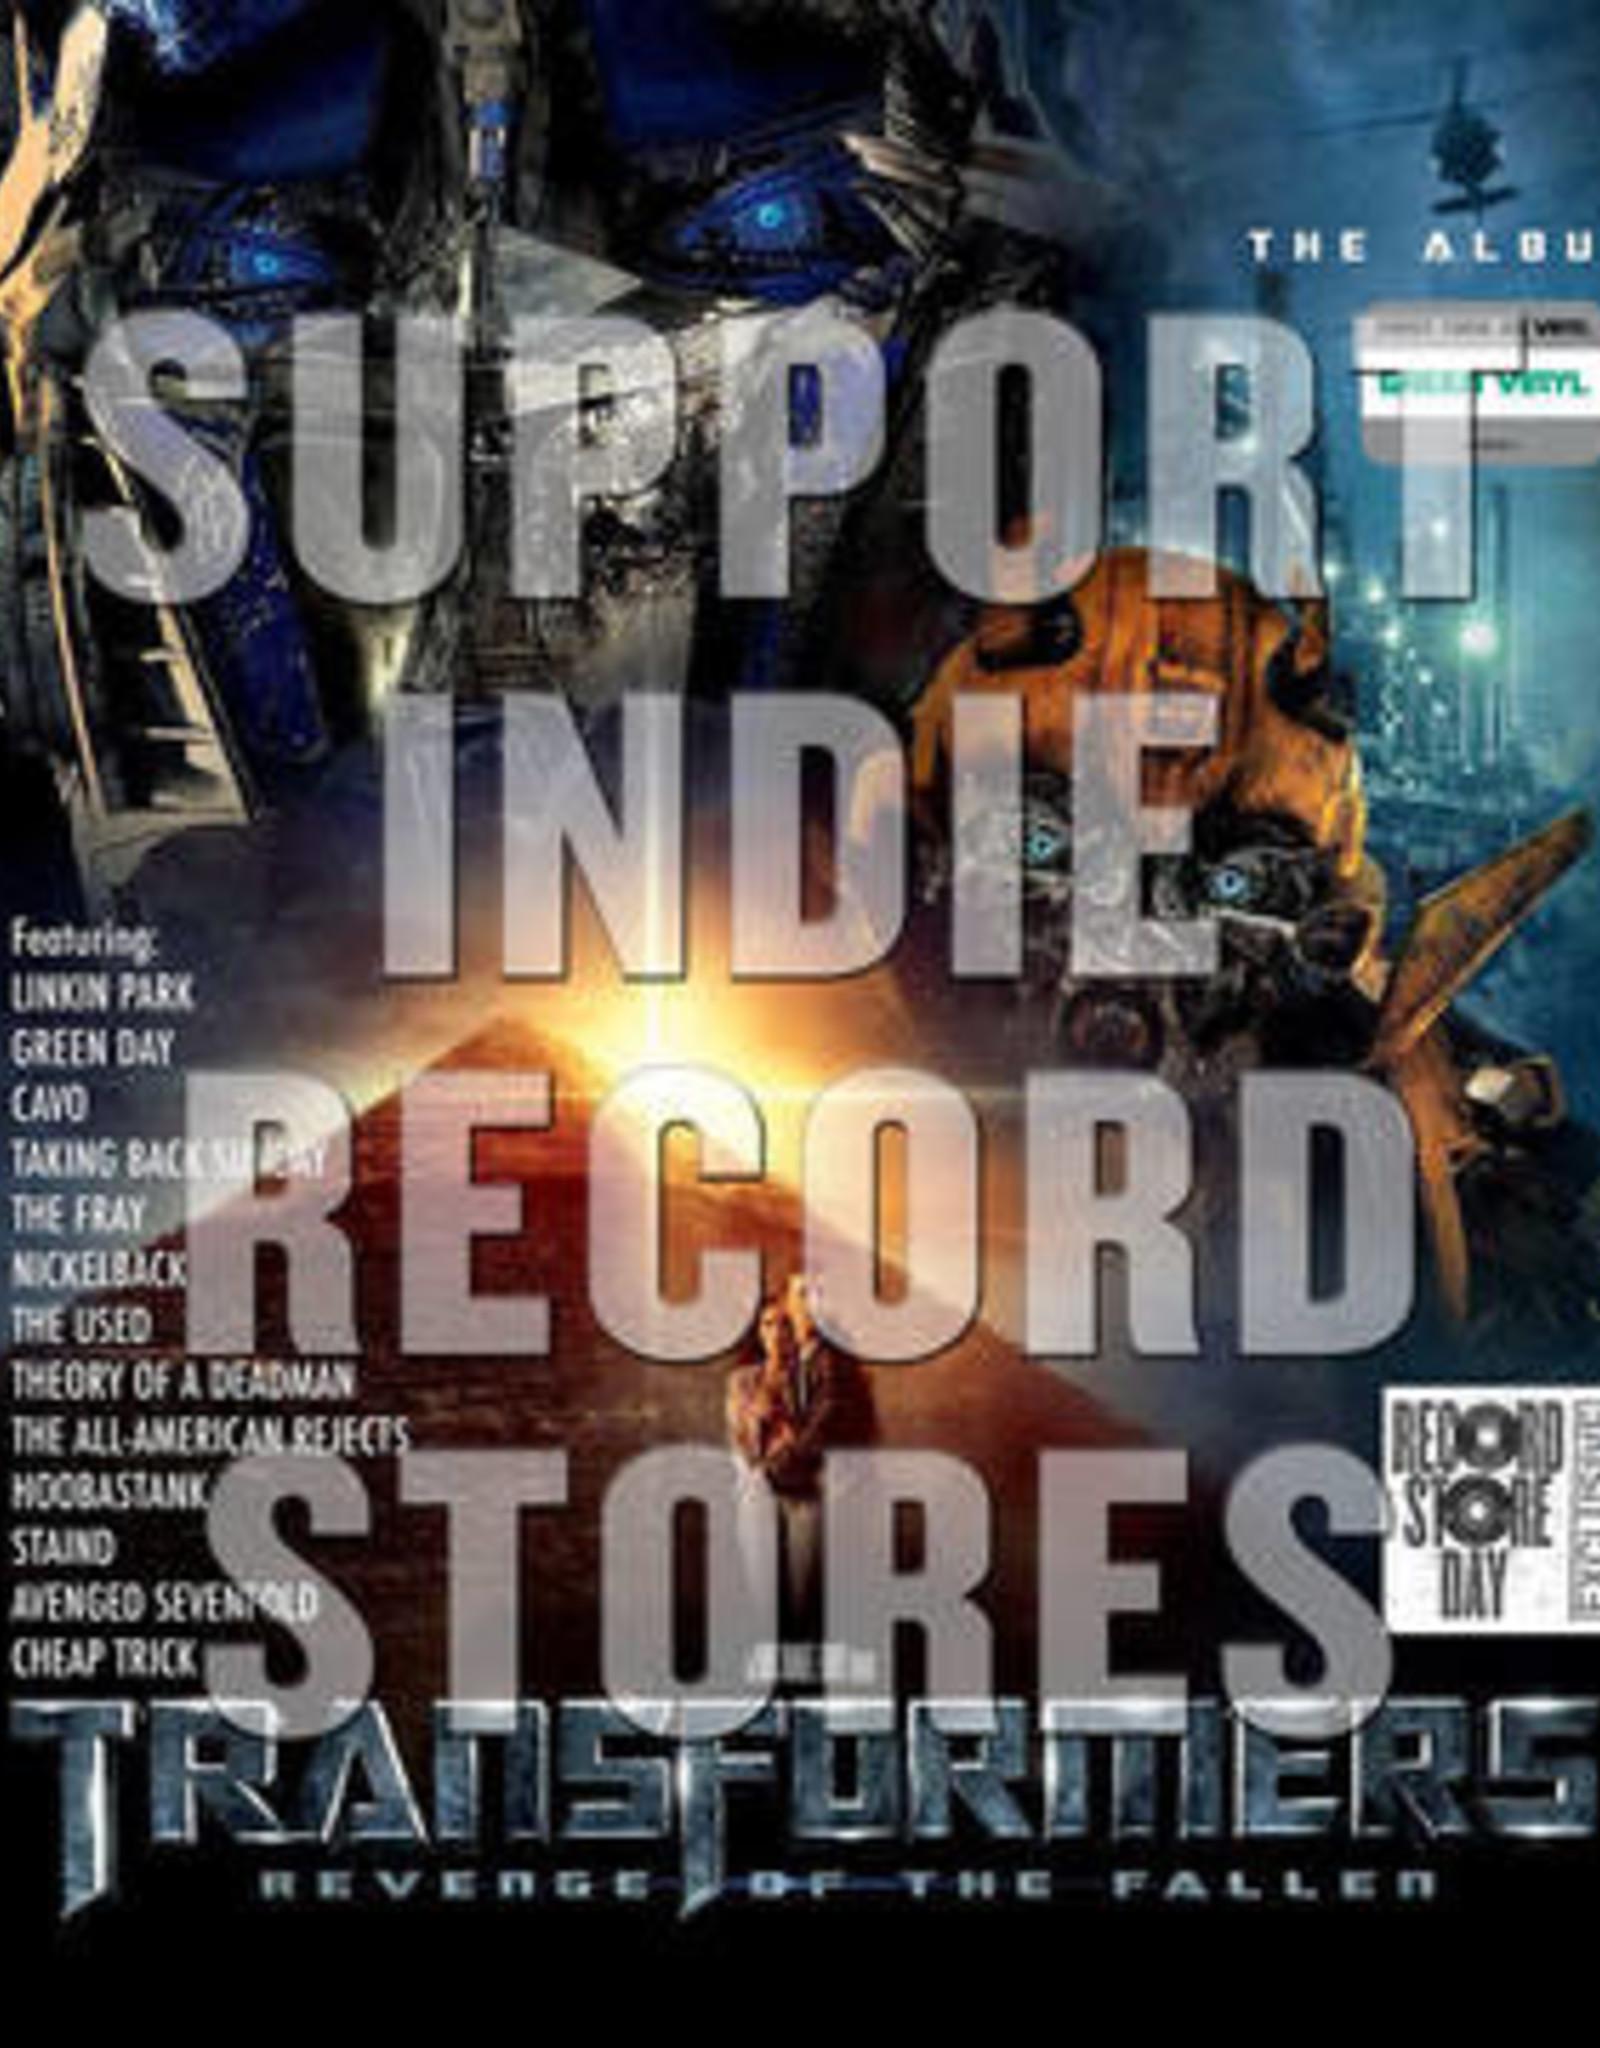 Transformers: Revenge Of The Fallen Soundtrack - Transformers - Revenge Of The Fallen Soundtrack (2Lp Green Vinyl) (RSD 2019)